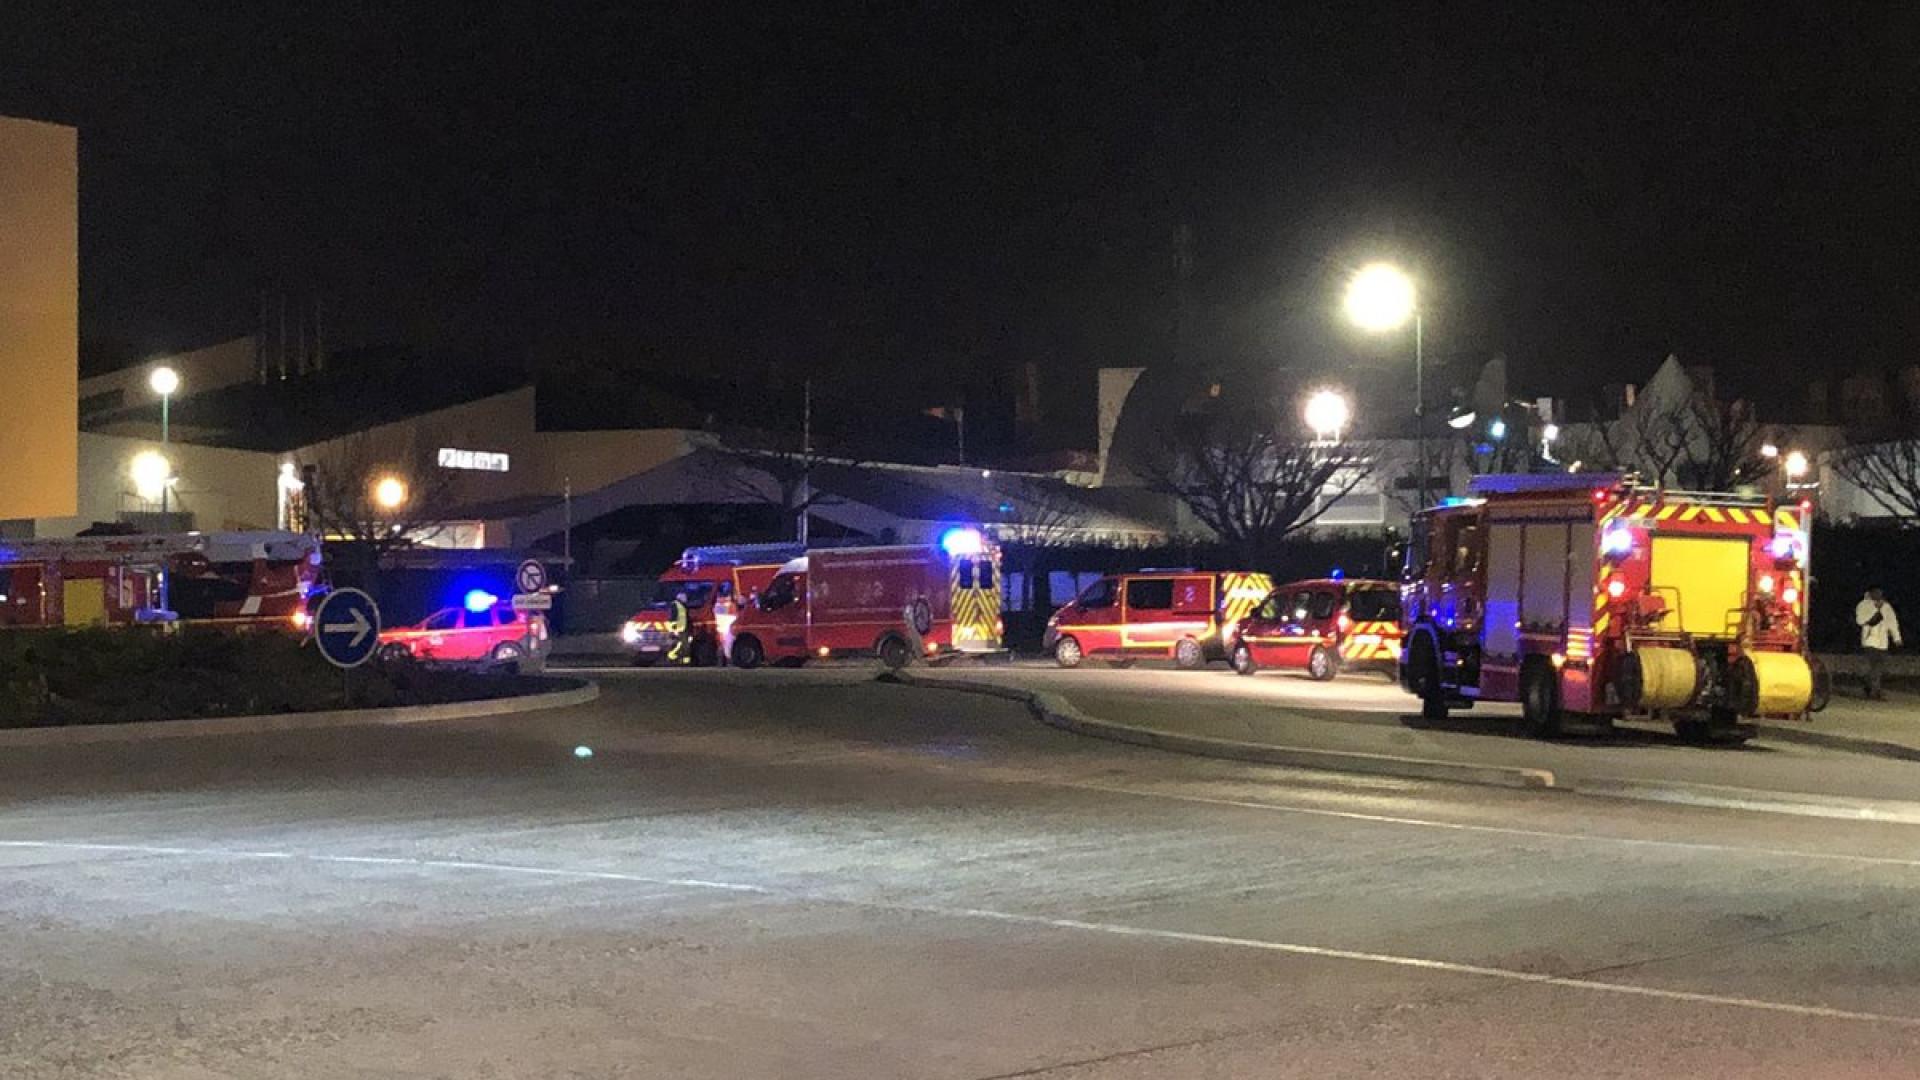 Disney em Paris é evacuada após boatos de explosão e tiros